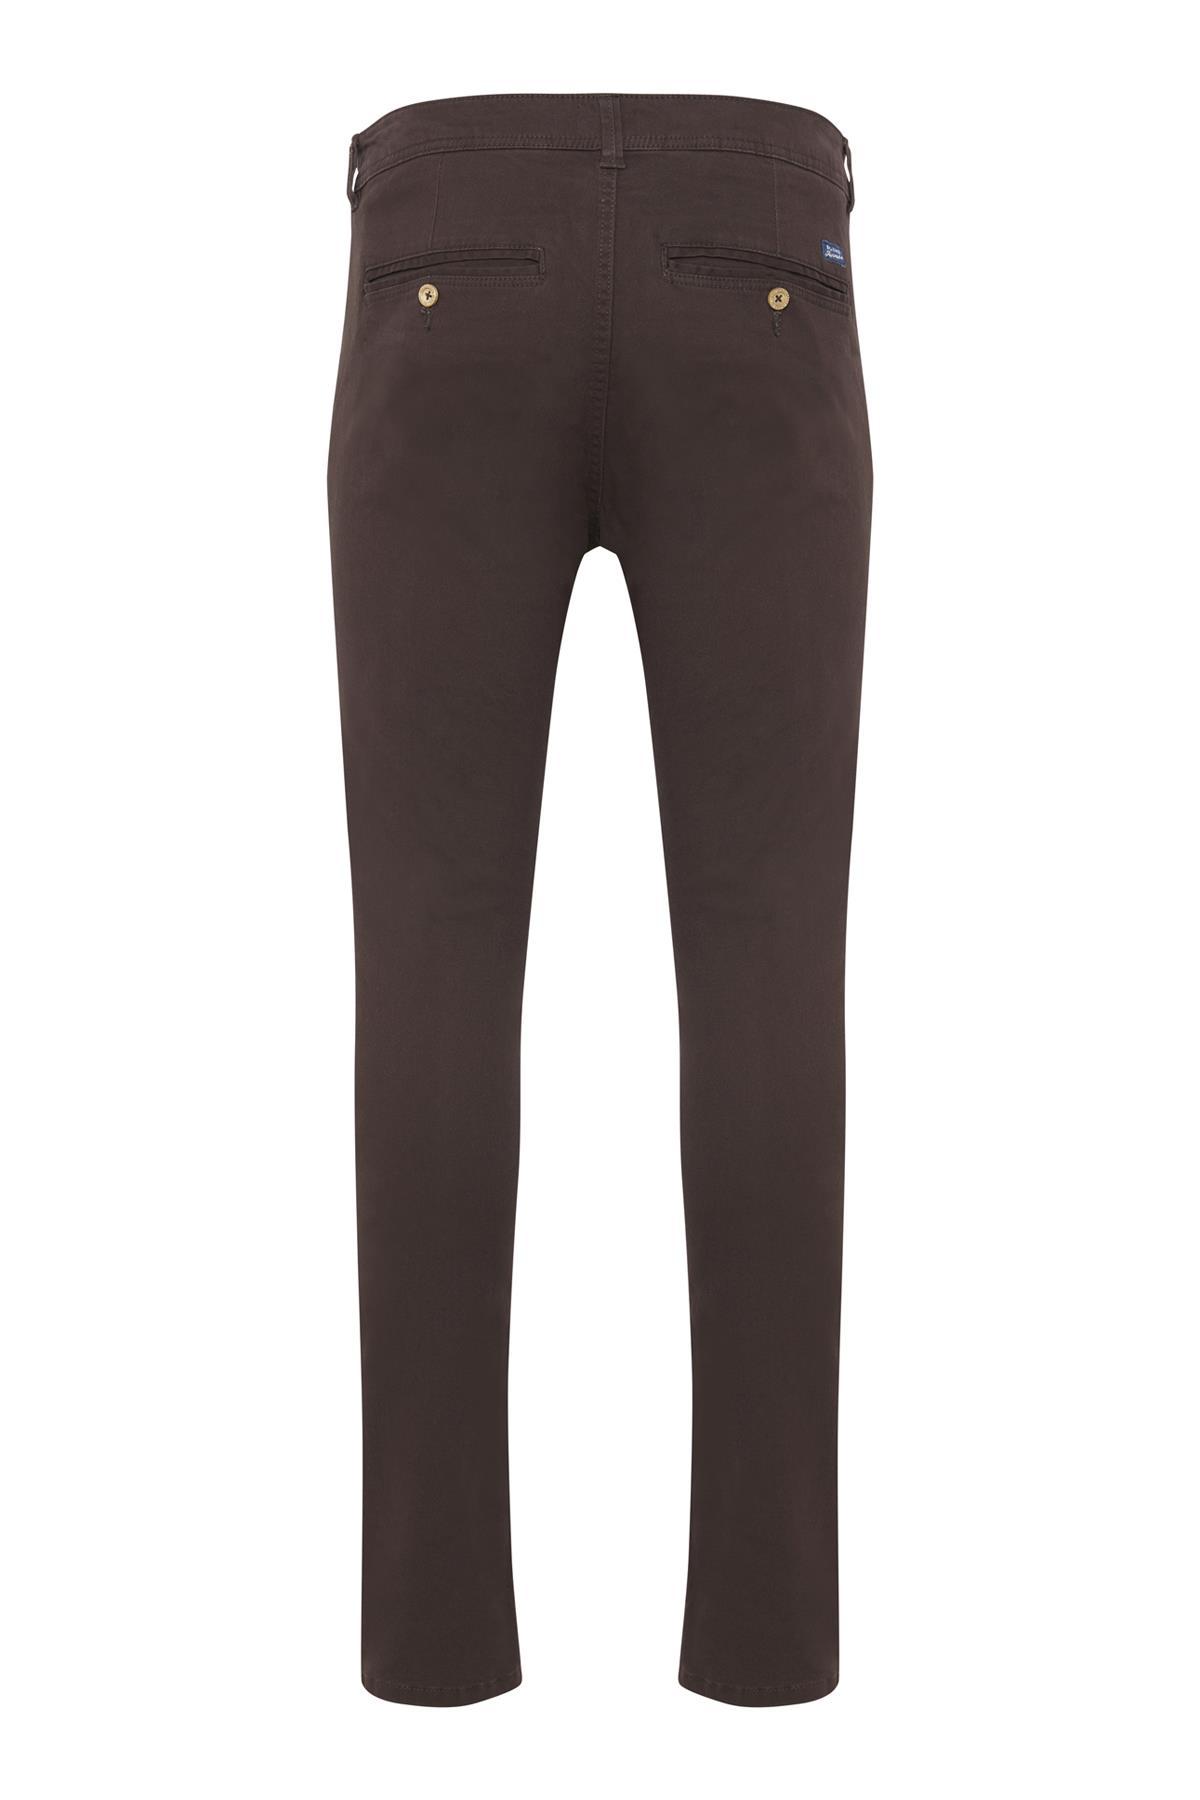 Coffee Bean Brown Pants Casual – Køb Coffee Bean Brown Pants Casual fra str. 28-38 her